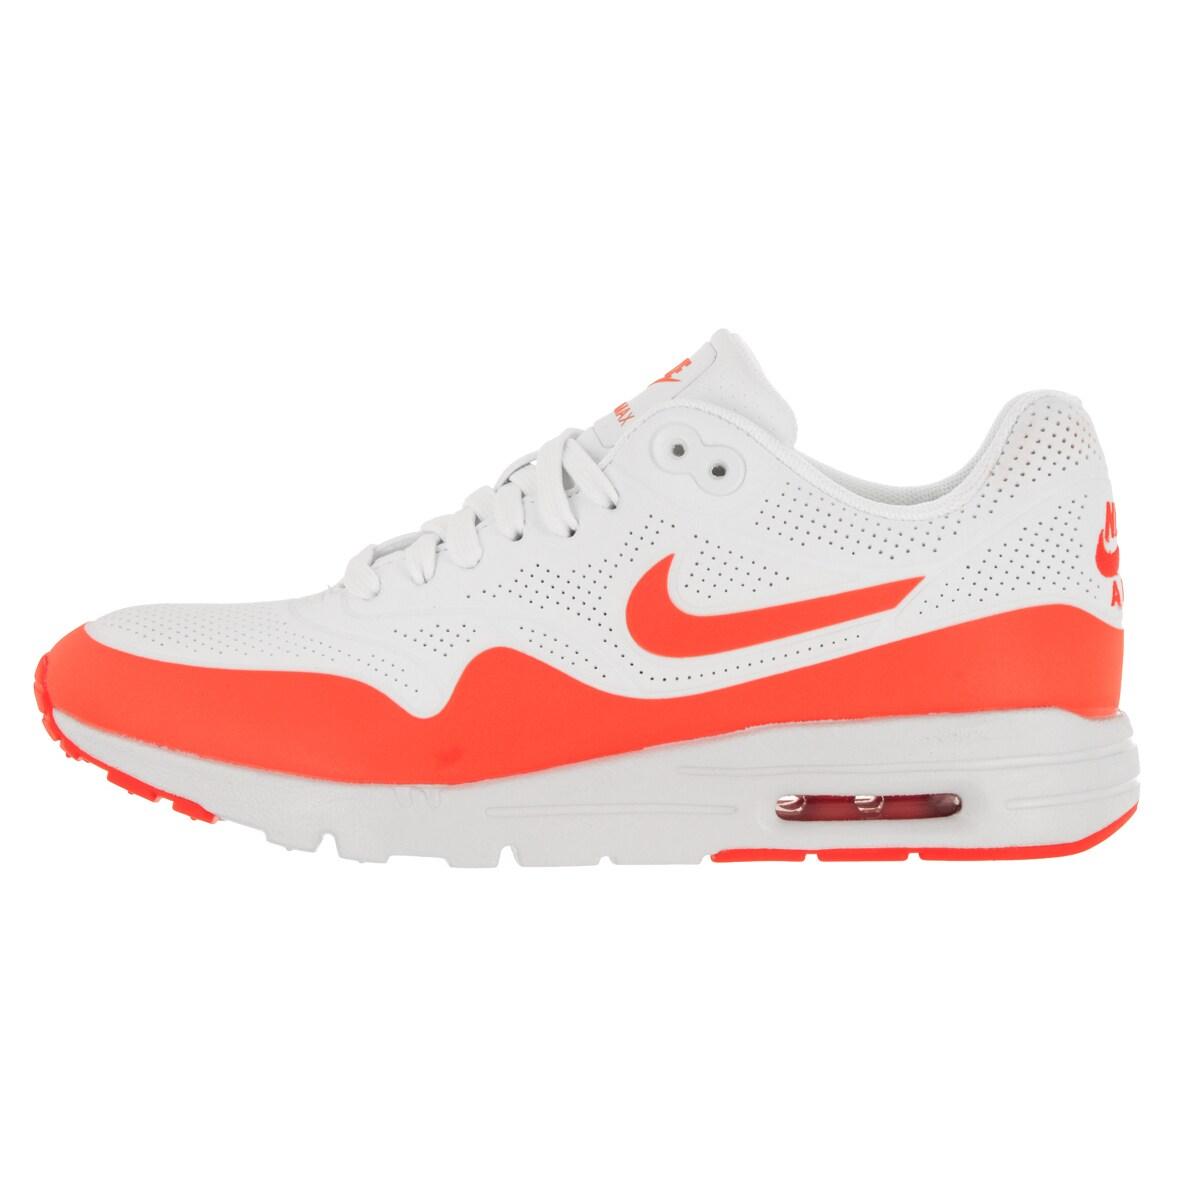 7e914fea0813d Nike Women s Air Max 1 Ultra Moire Summit White Total Crimson Running Shoe